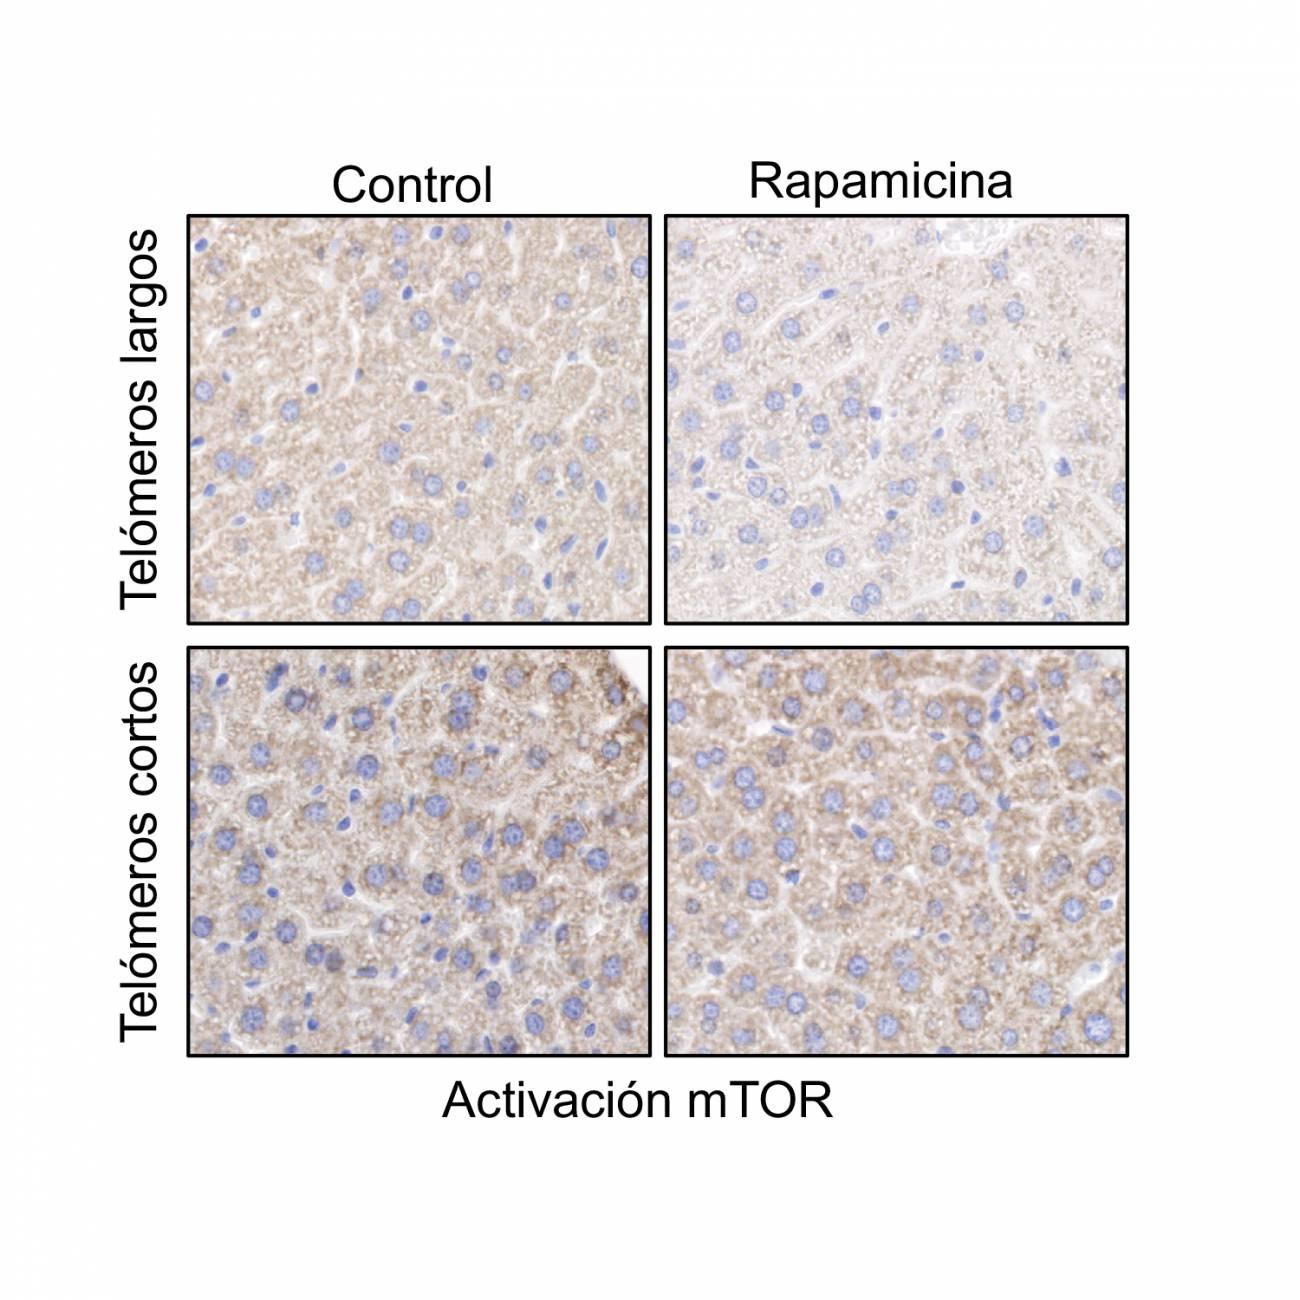 La rapamicina inhibe la actividad de mTOR